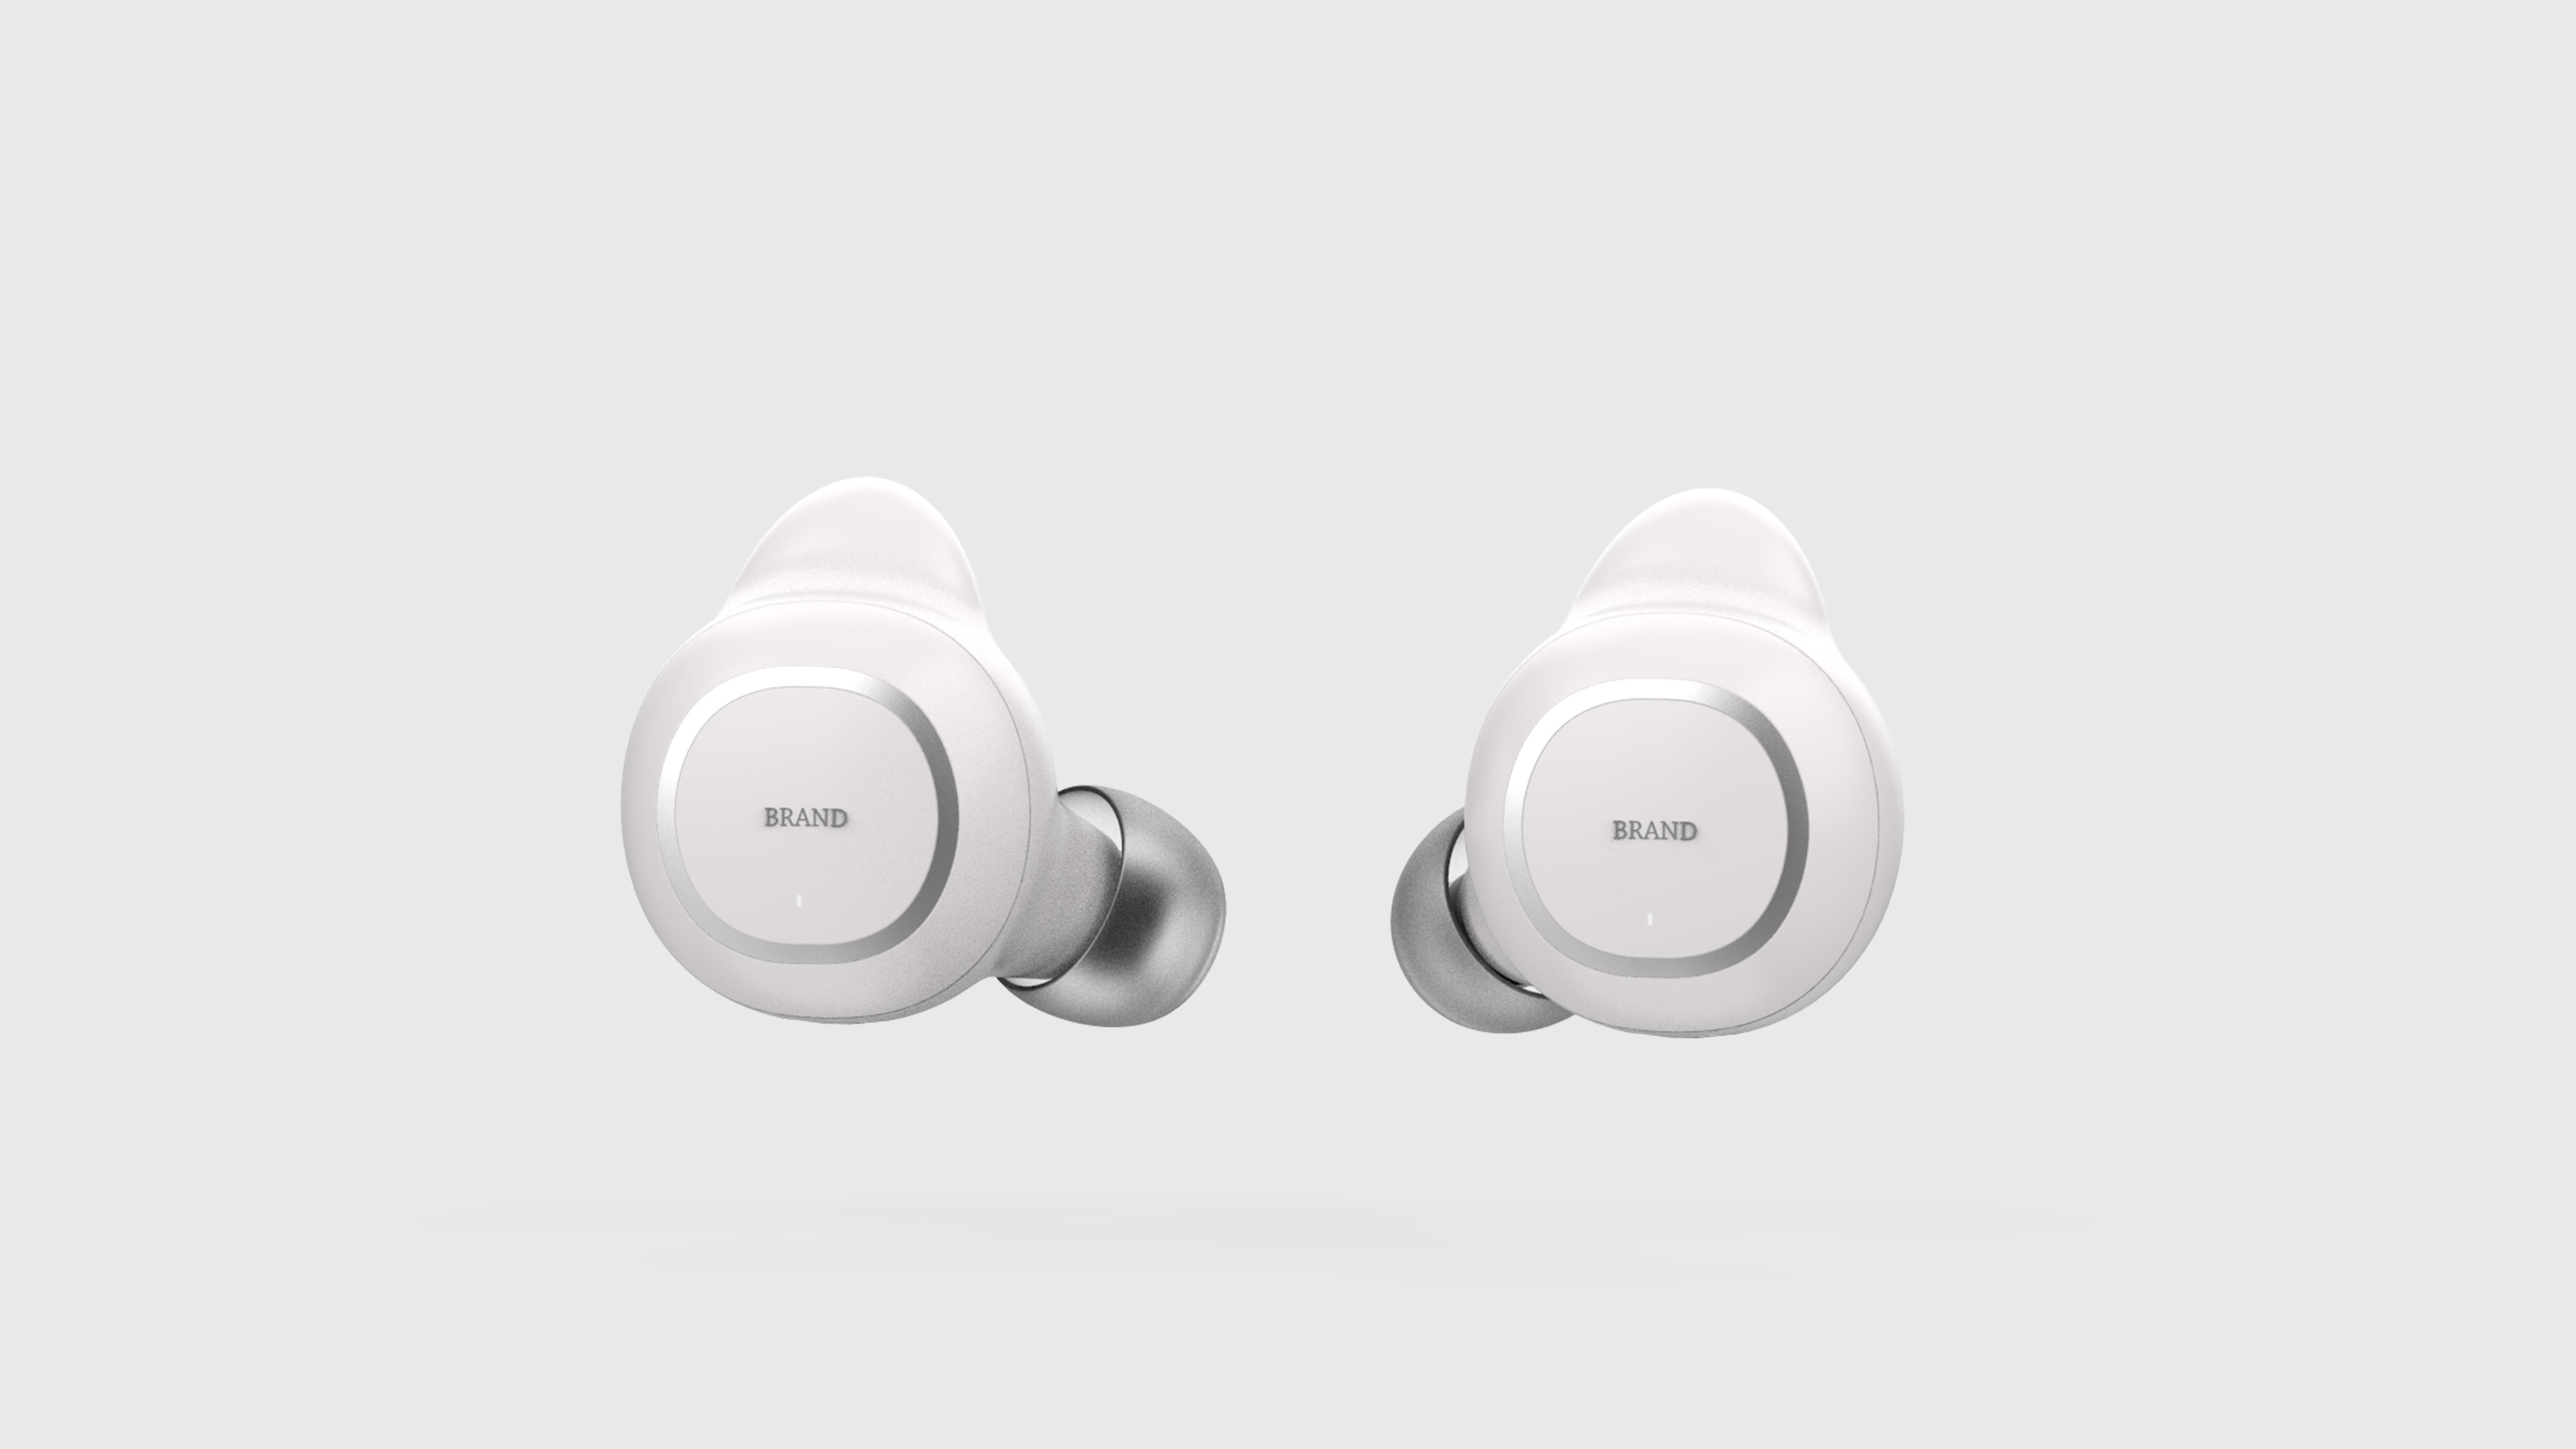 TWS无线耳机设计蓝牙无线有线头戴耳机外观结构外形工业设计